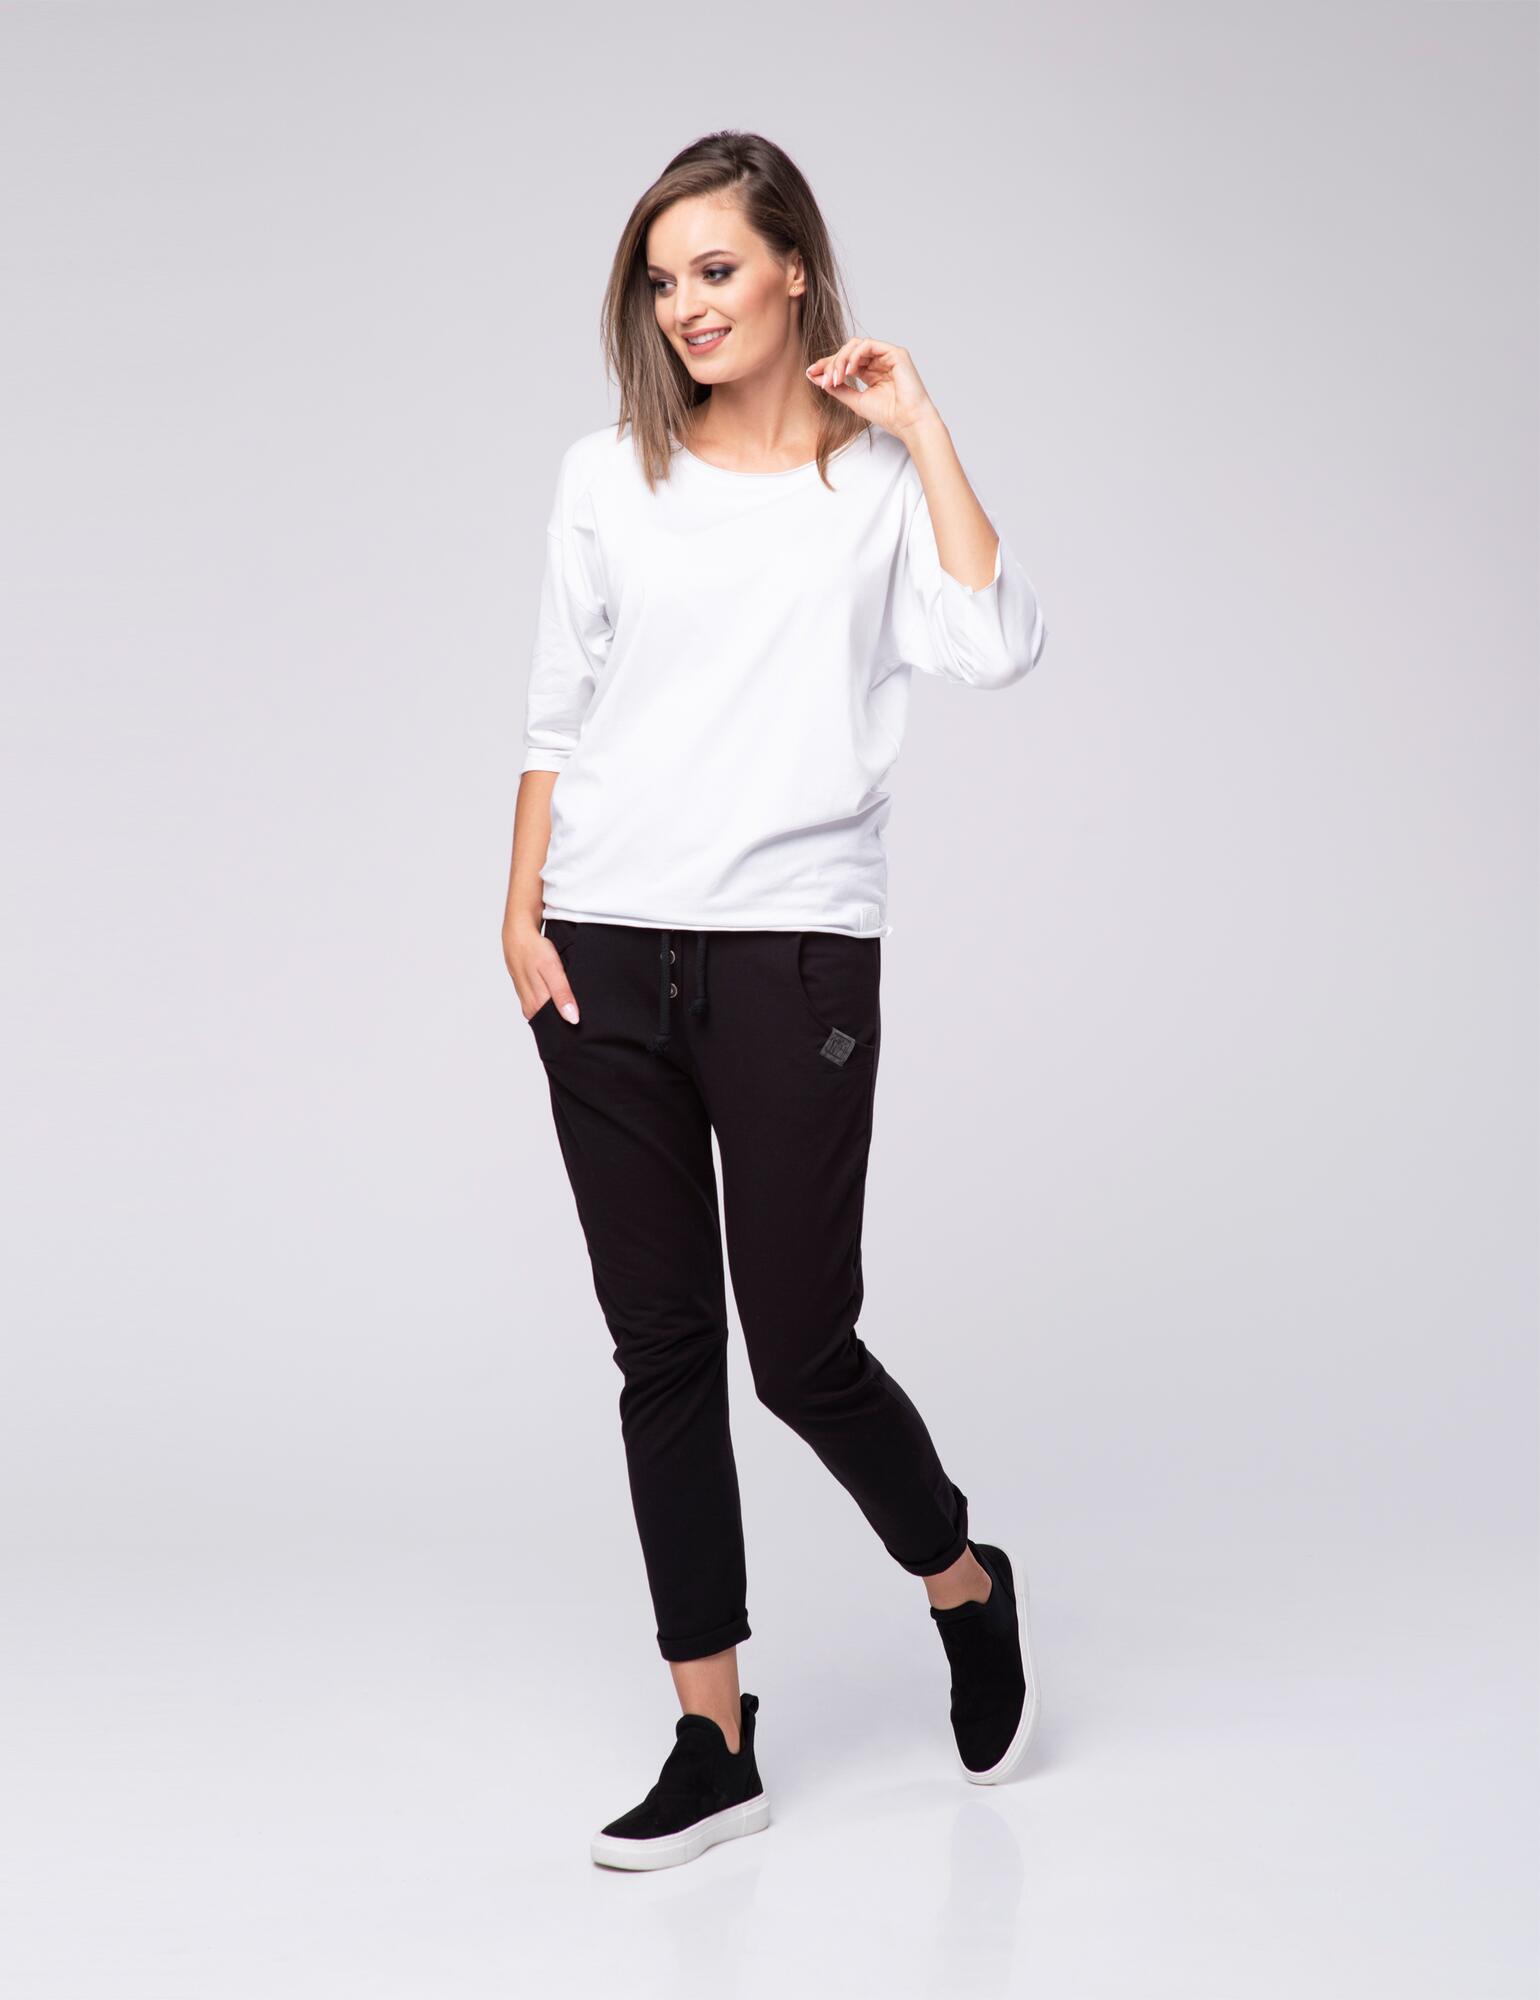 Spodnie z dżerseju Lazy Look 603 - LOOK made with Love | JestemSlow.pl